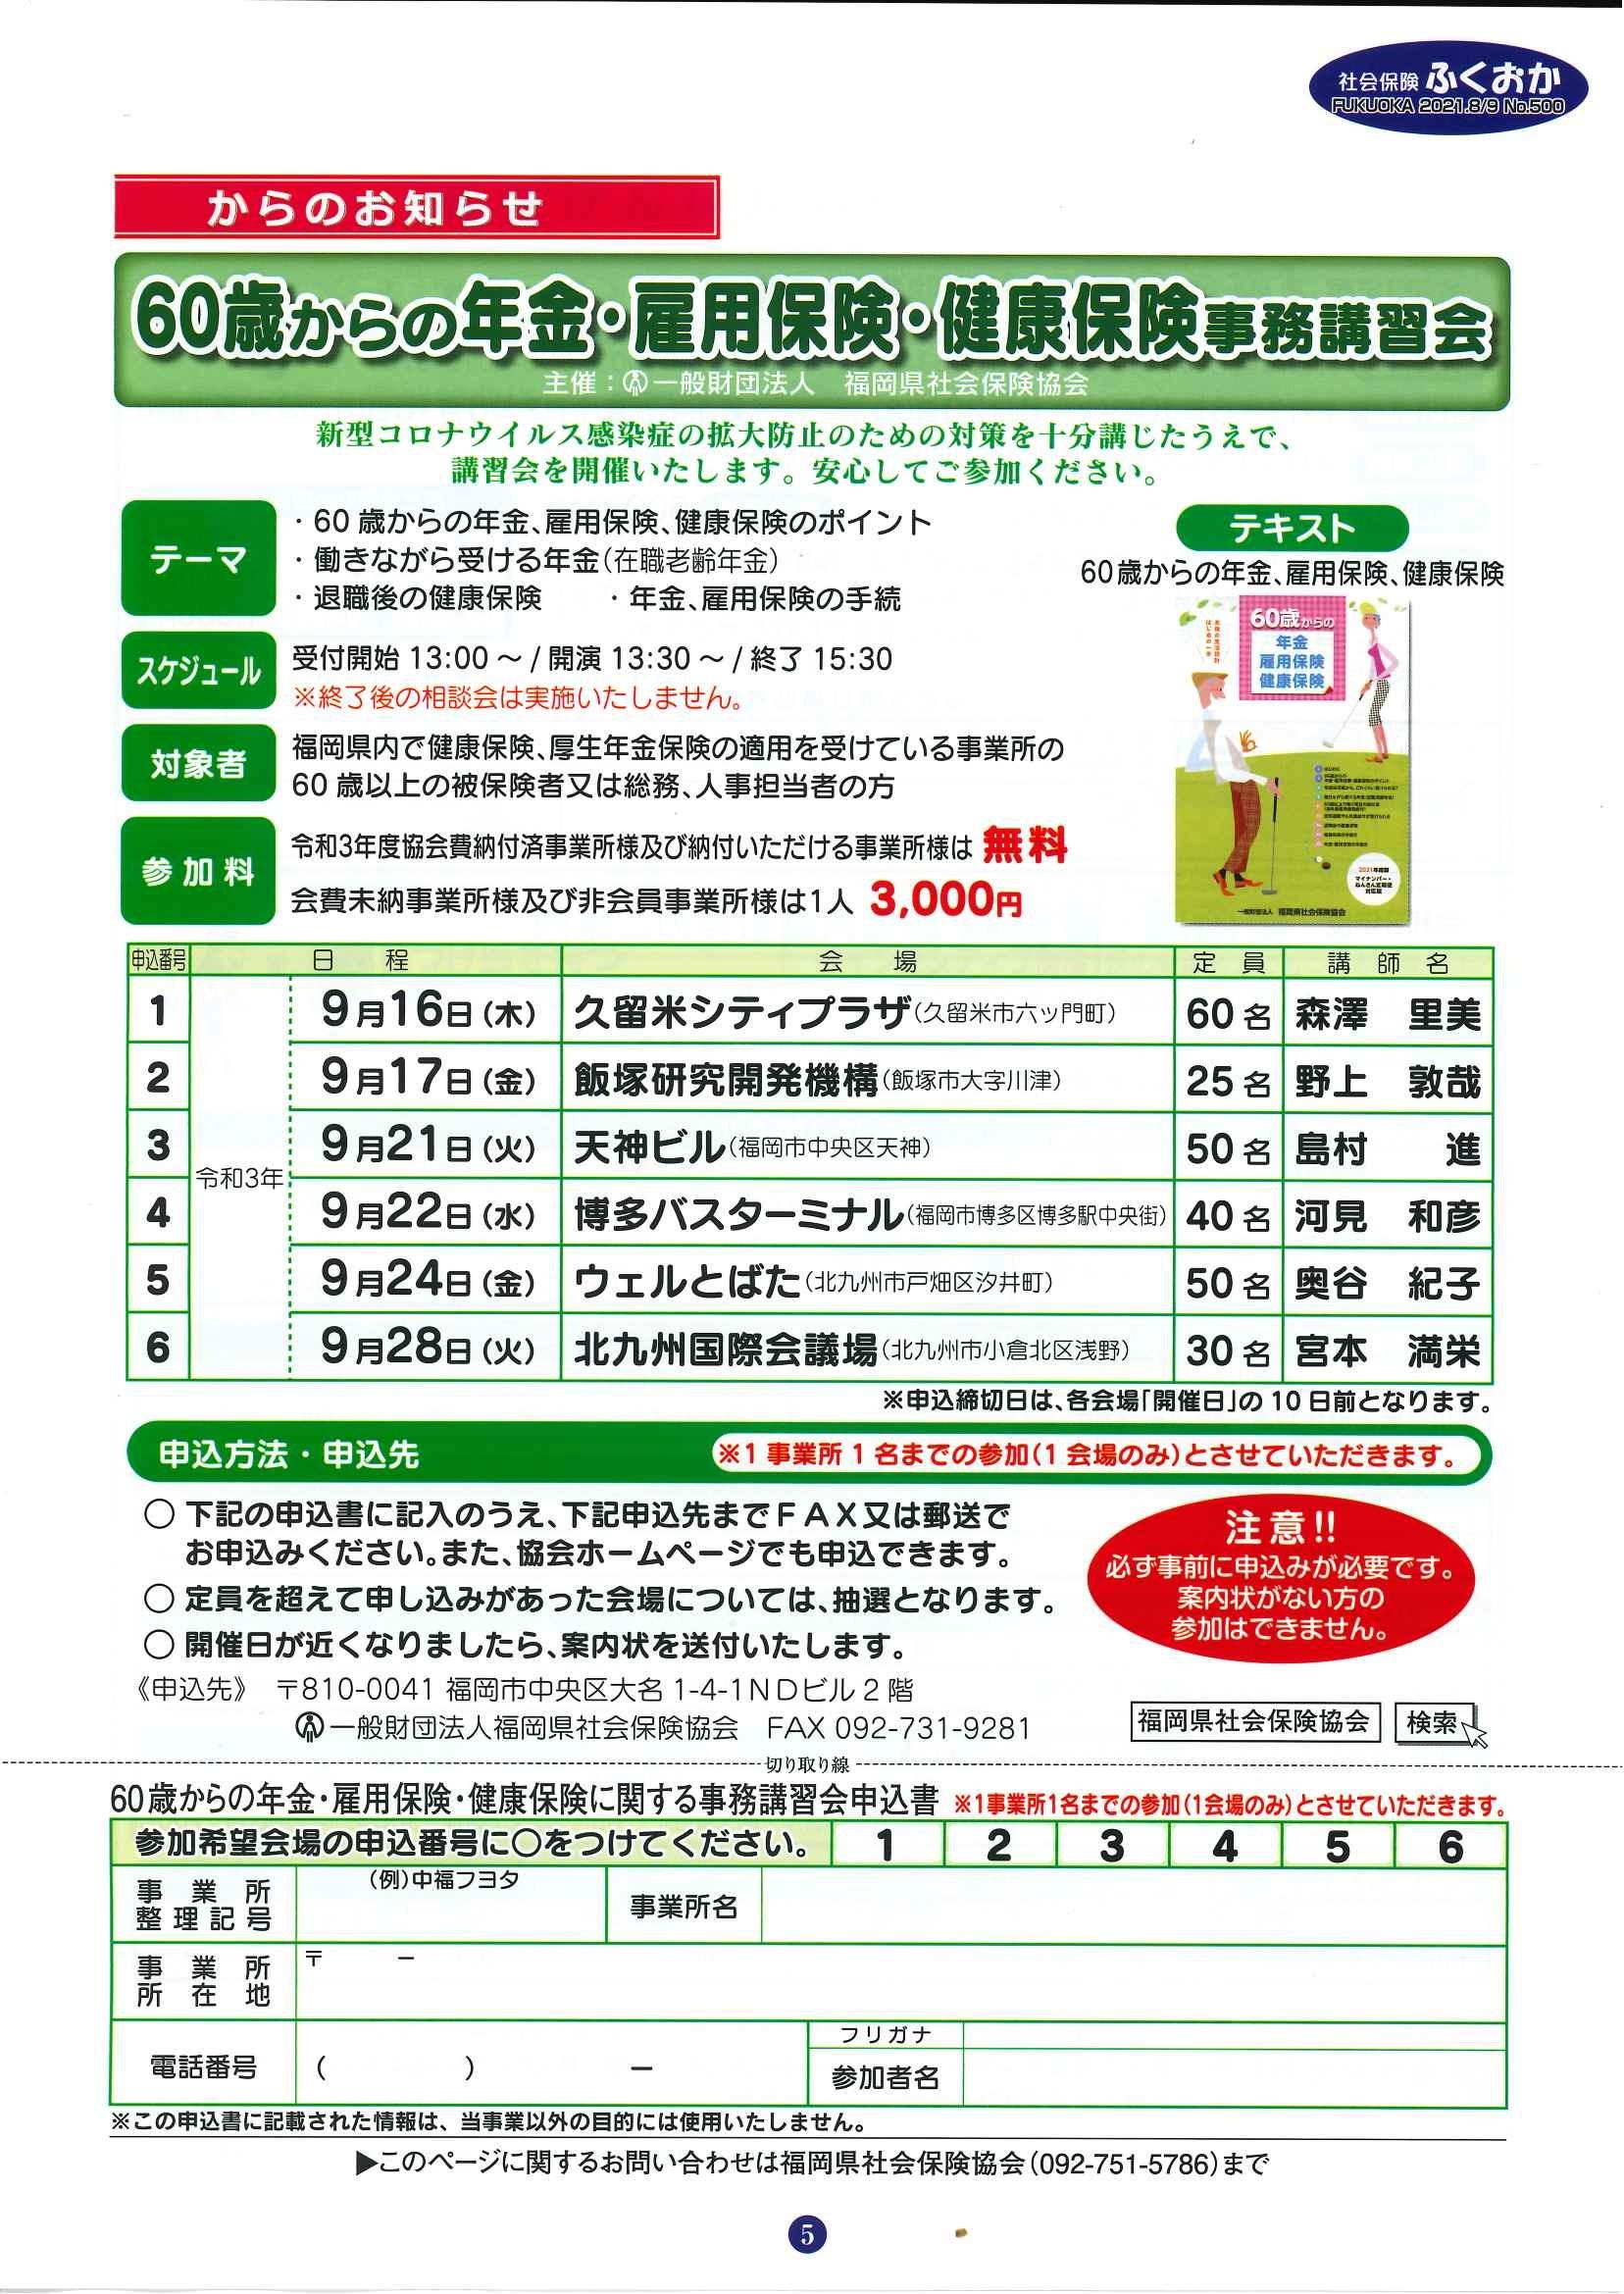 社会保険「ふくおか」2021年 8・9月号_f0120774_09562879.jpg